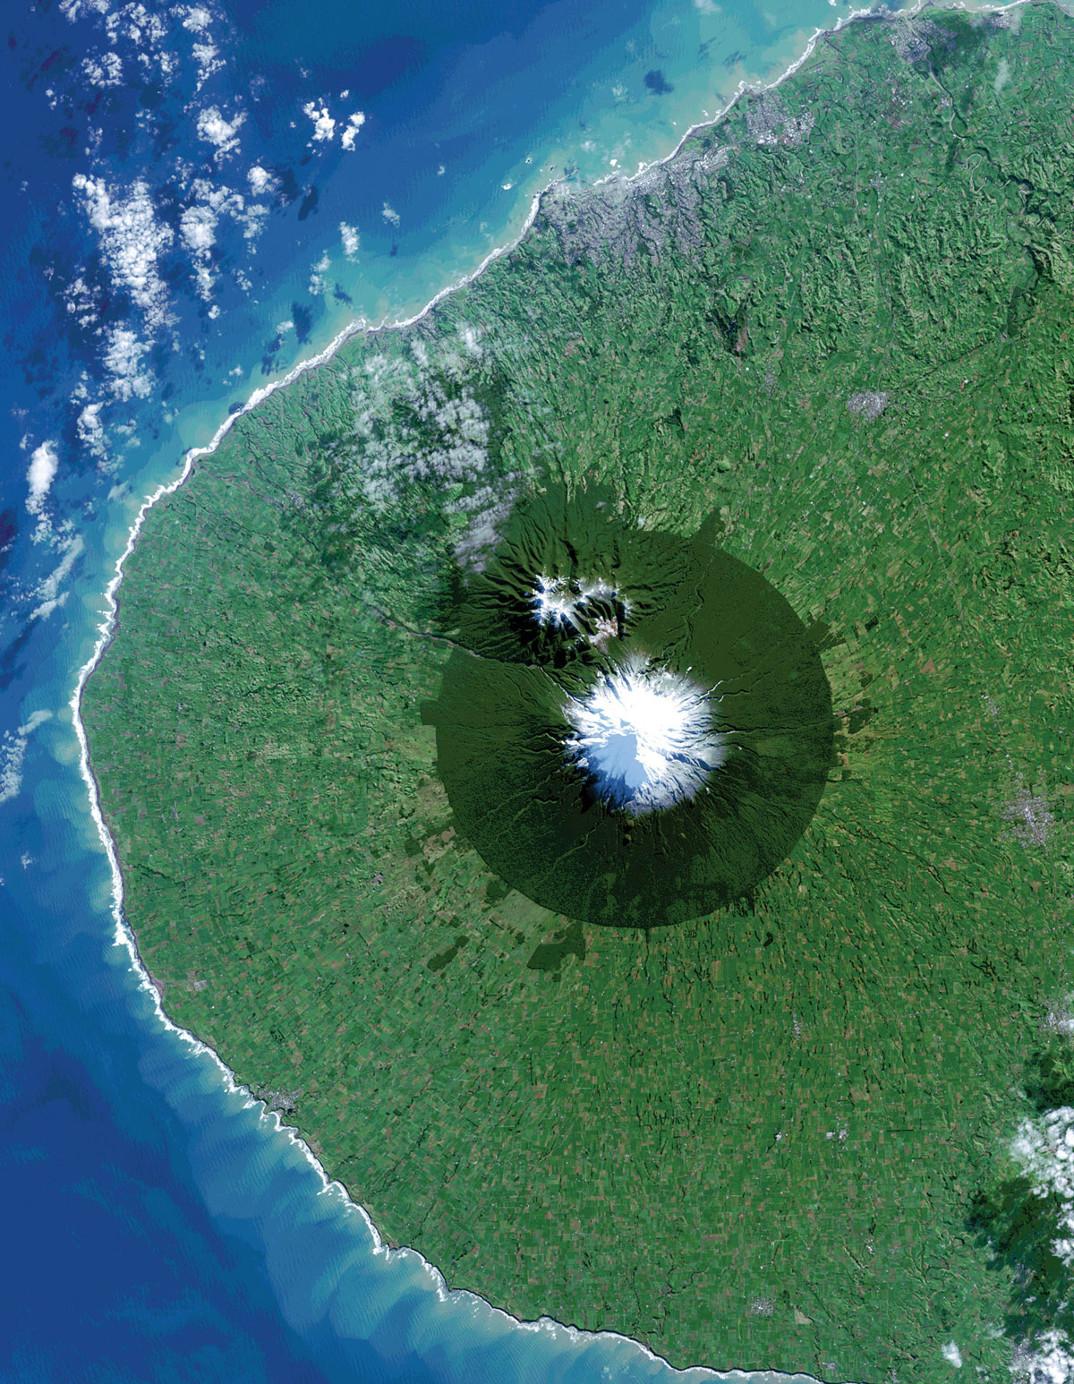 foto-della-terra-earth-day-nasa-22